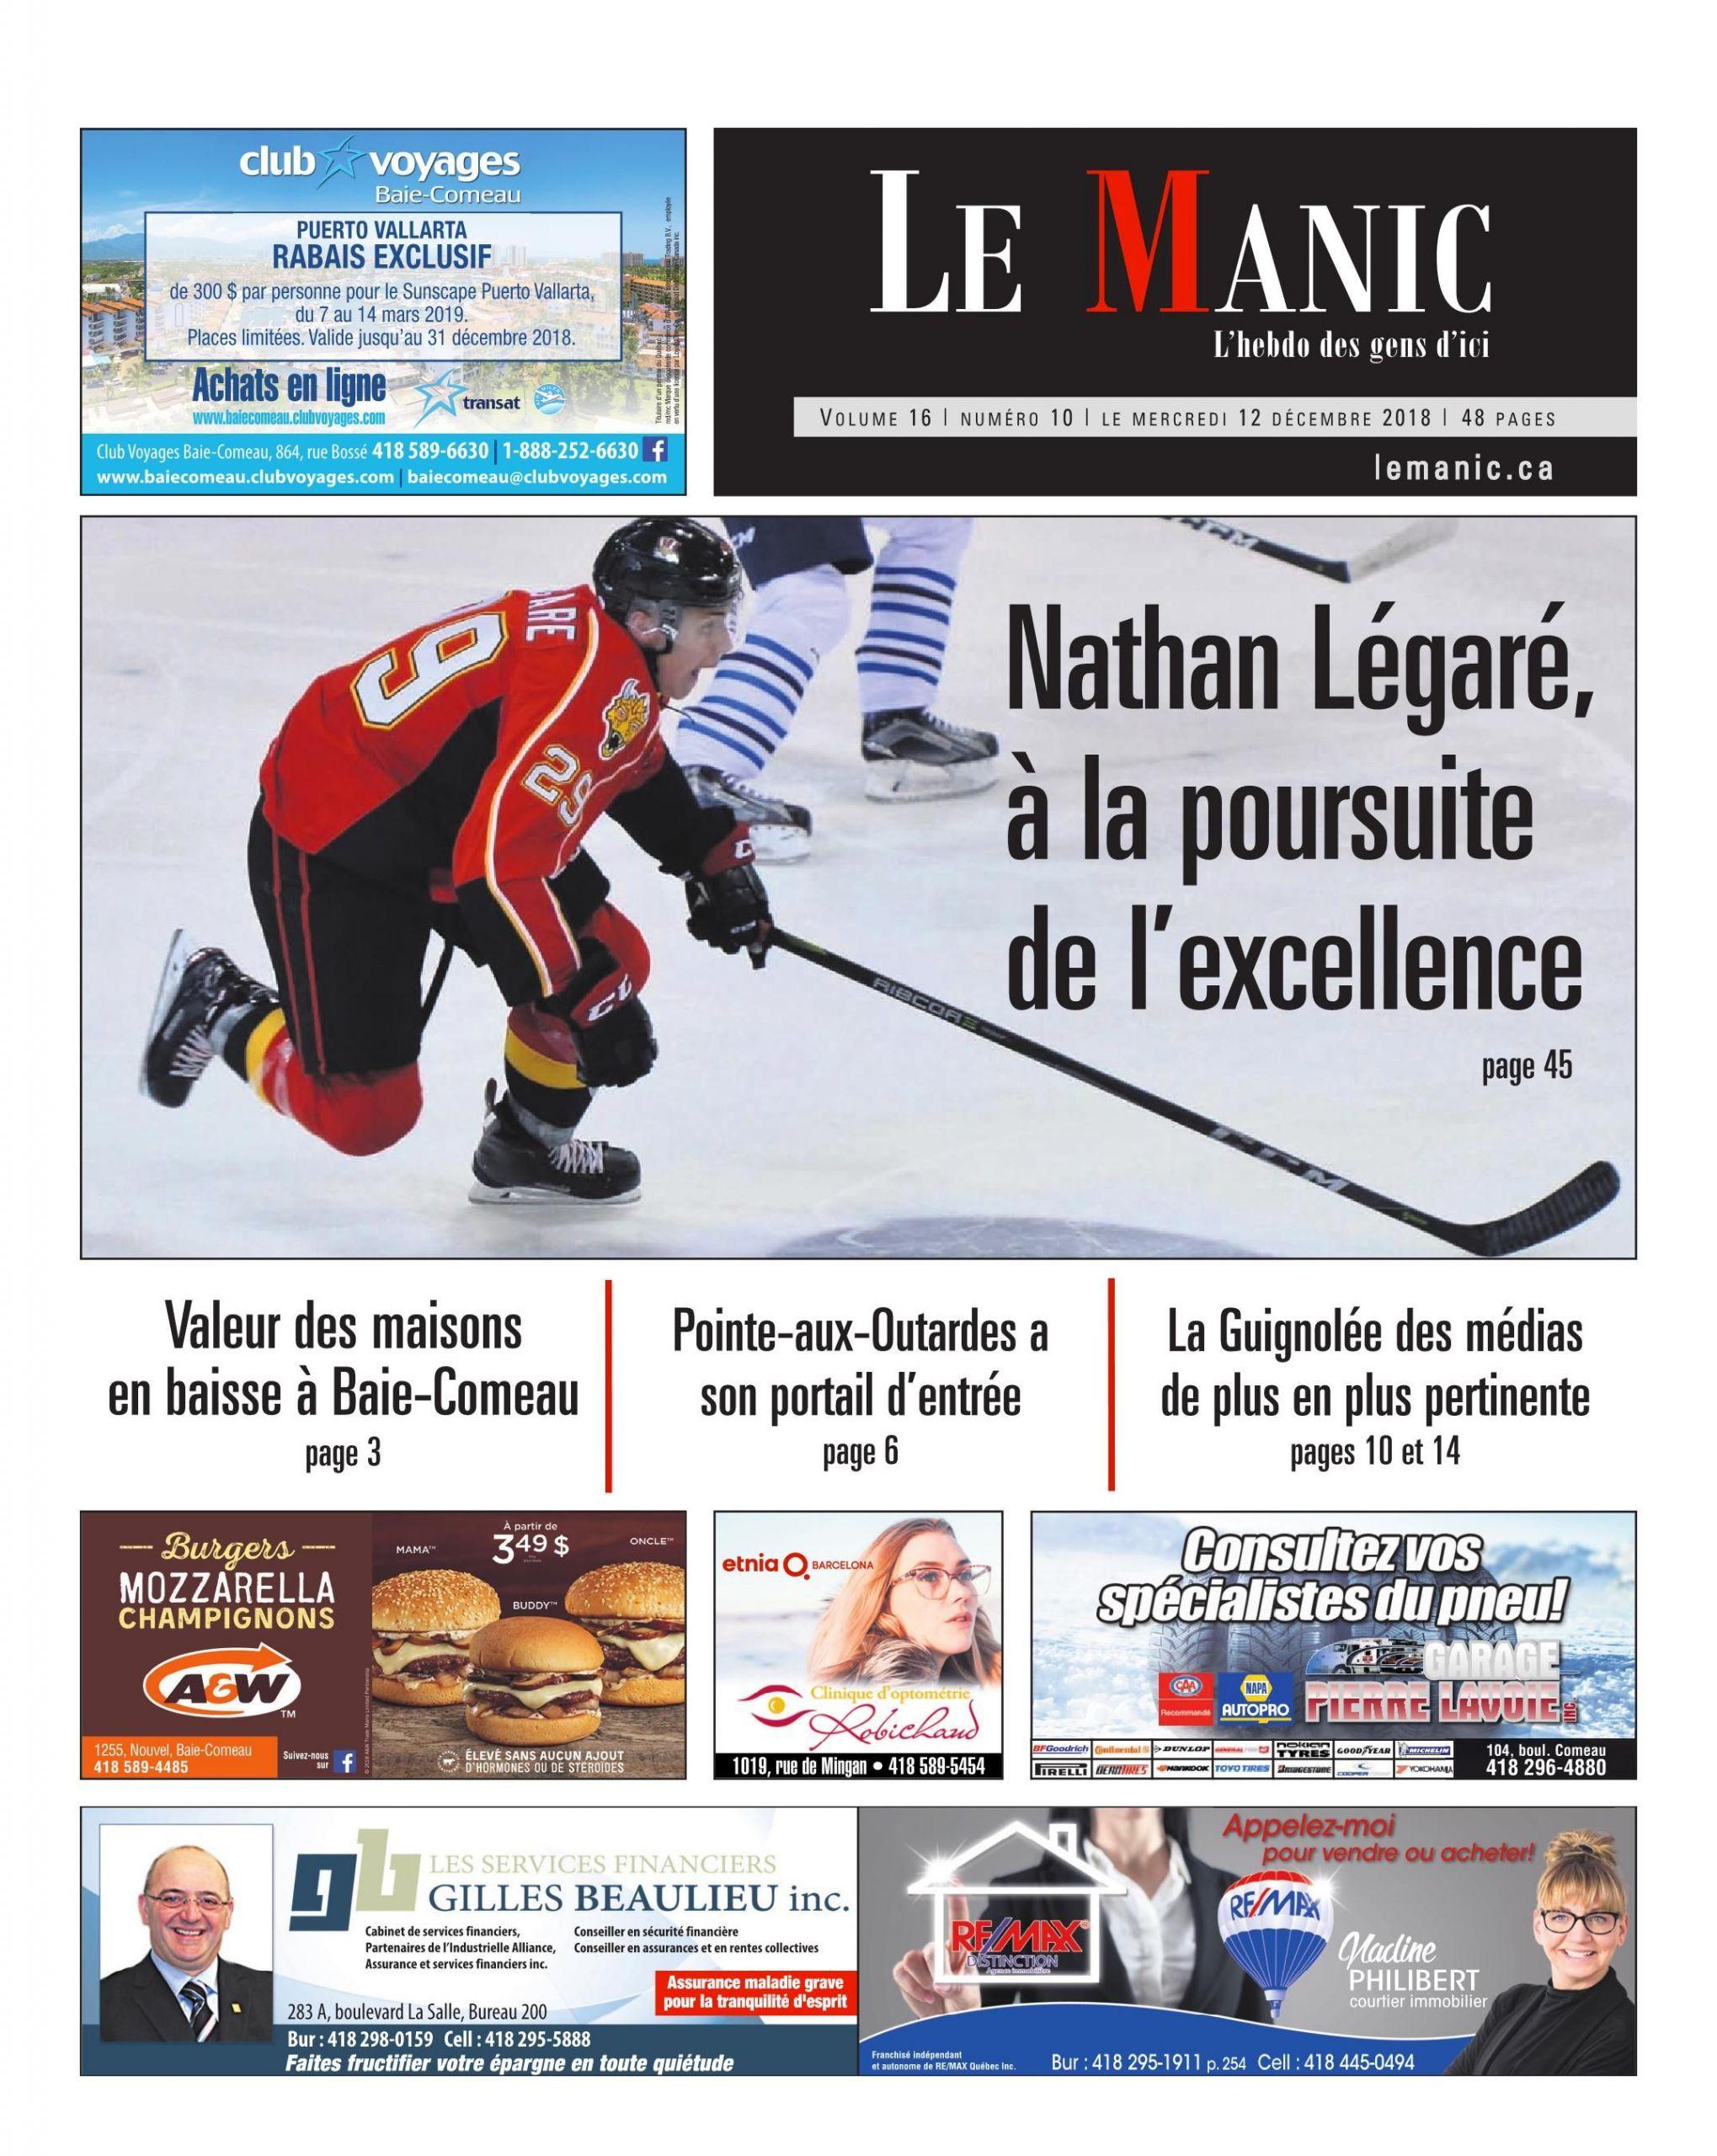 Menu De Noel Leclerc Frais Le Manic 12 Décembre 2018 Pages 1 48 Text Version Of 37 Élégant Menu De Noel Leclerc